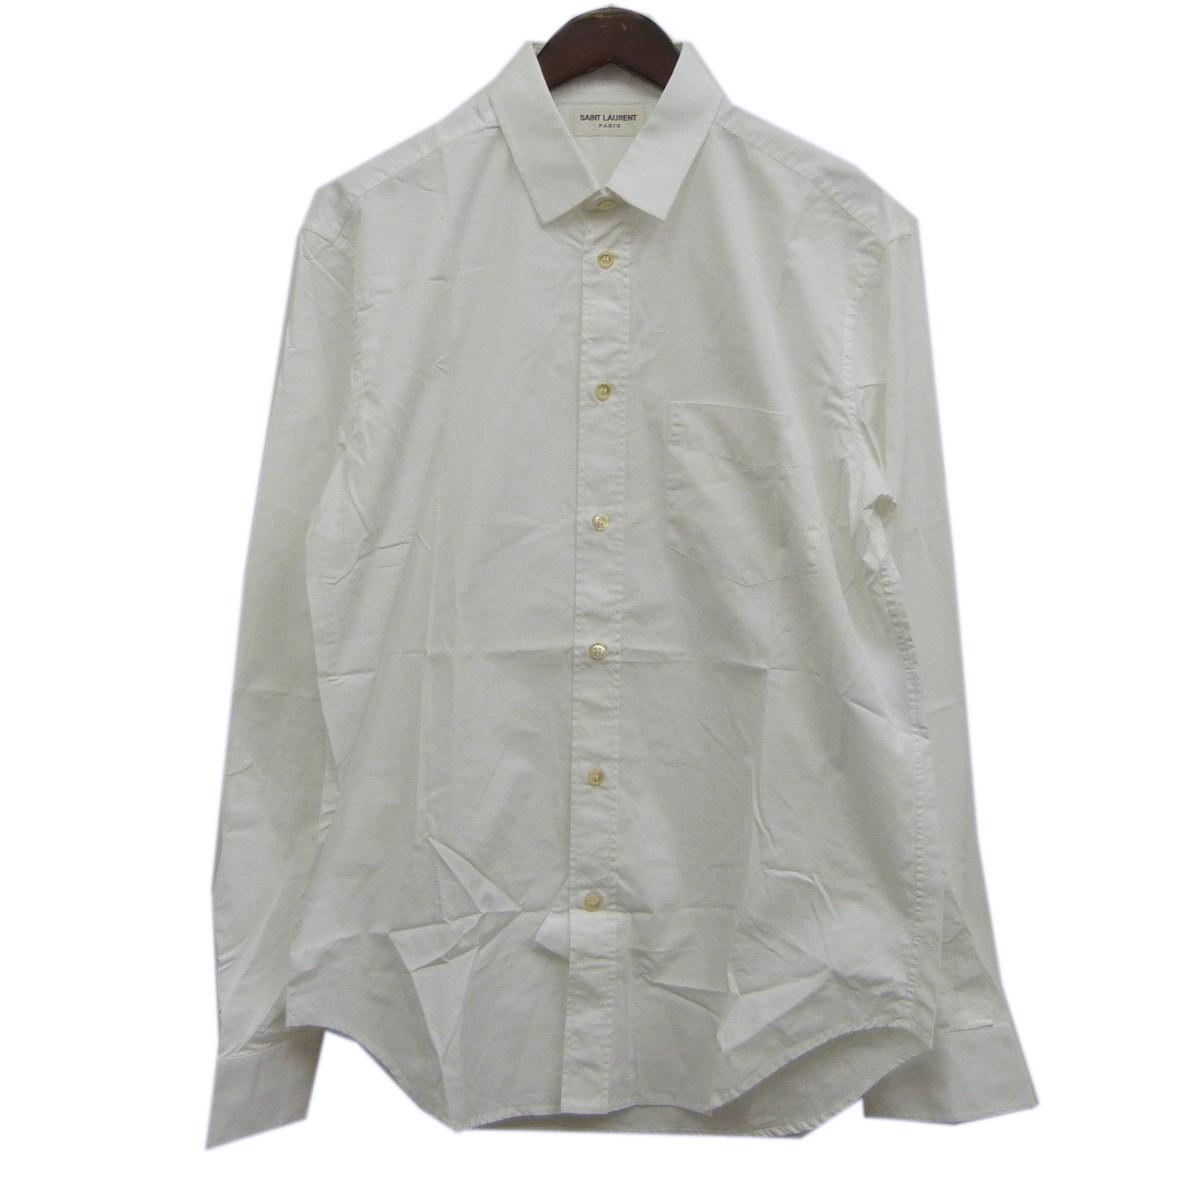 【中古】SAINT LAURENT PARISダメージ加工ドレスシャツ ホワイト サイズ:39